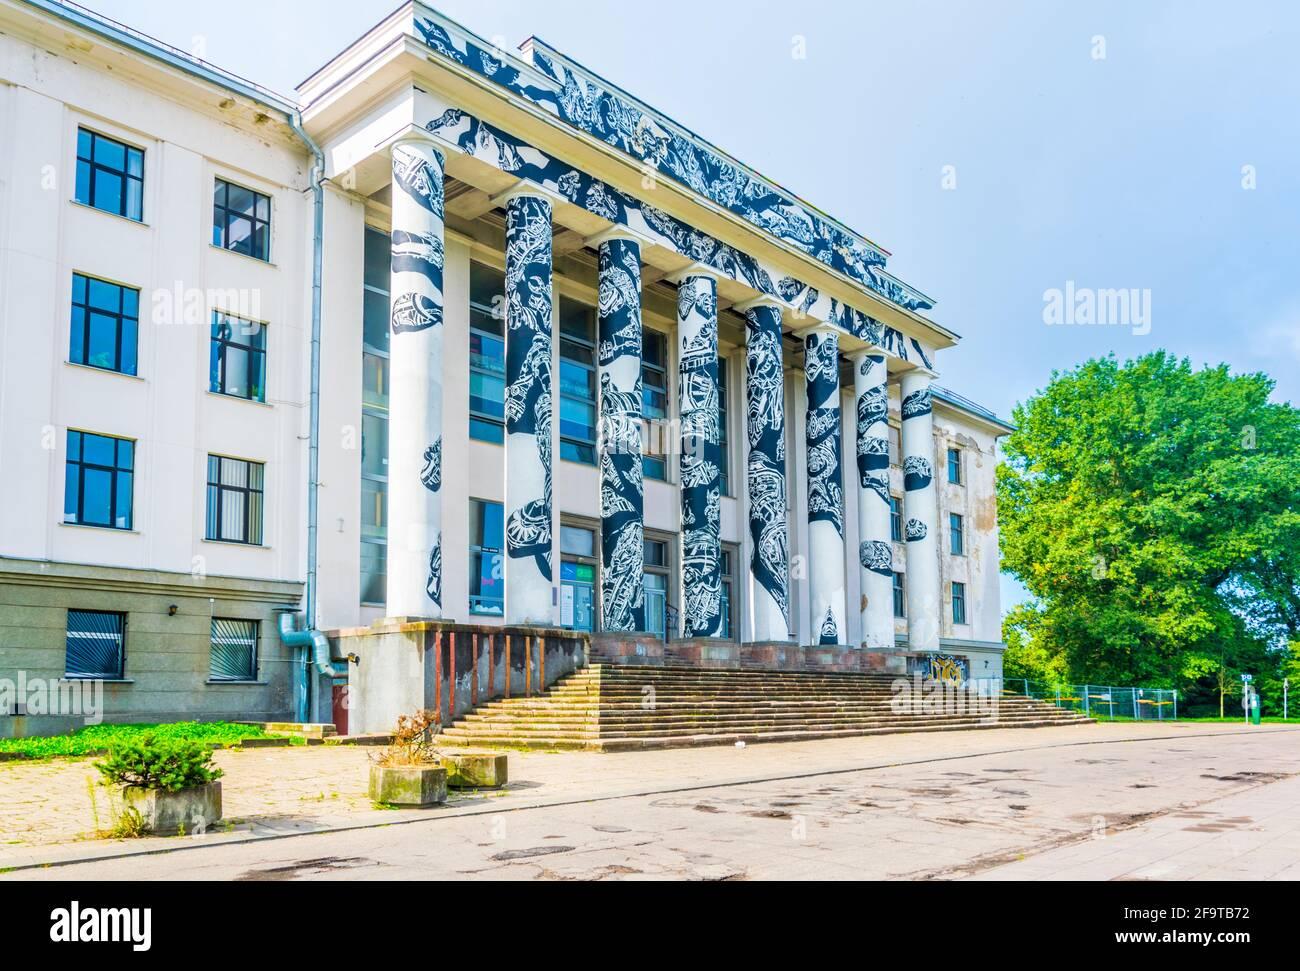 Vista di un edificio situato sulla cima della collina di Tauras a Vilnius, Lituania. Foto Stock